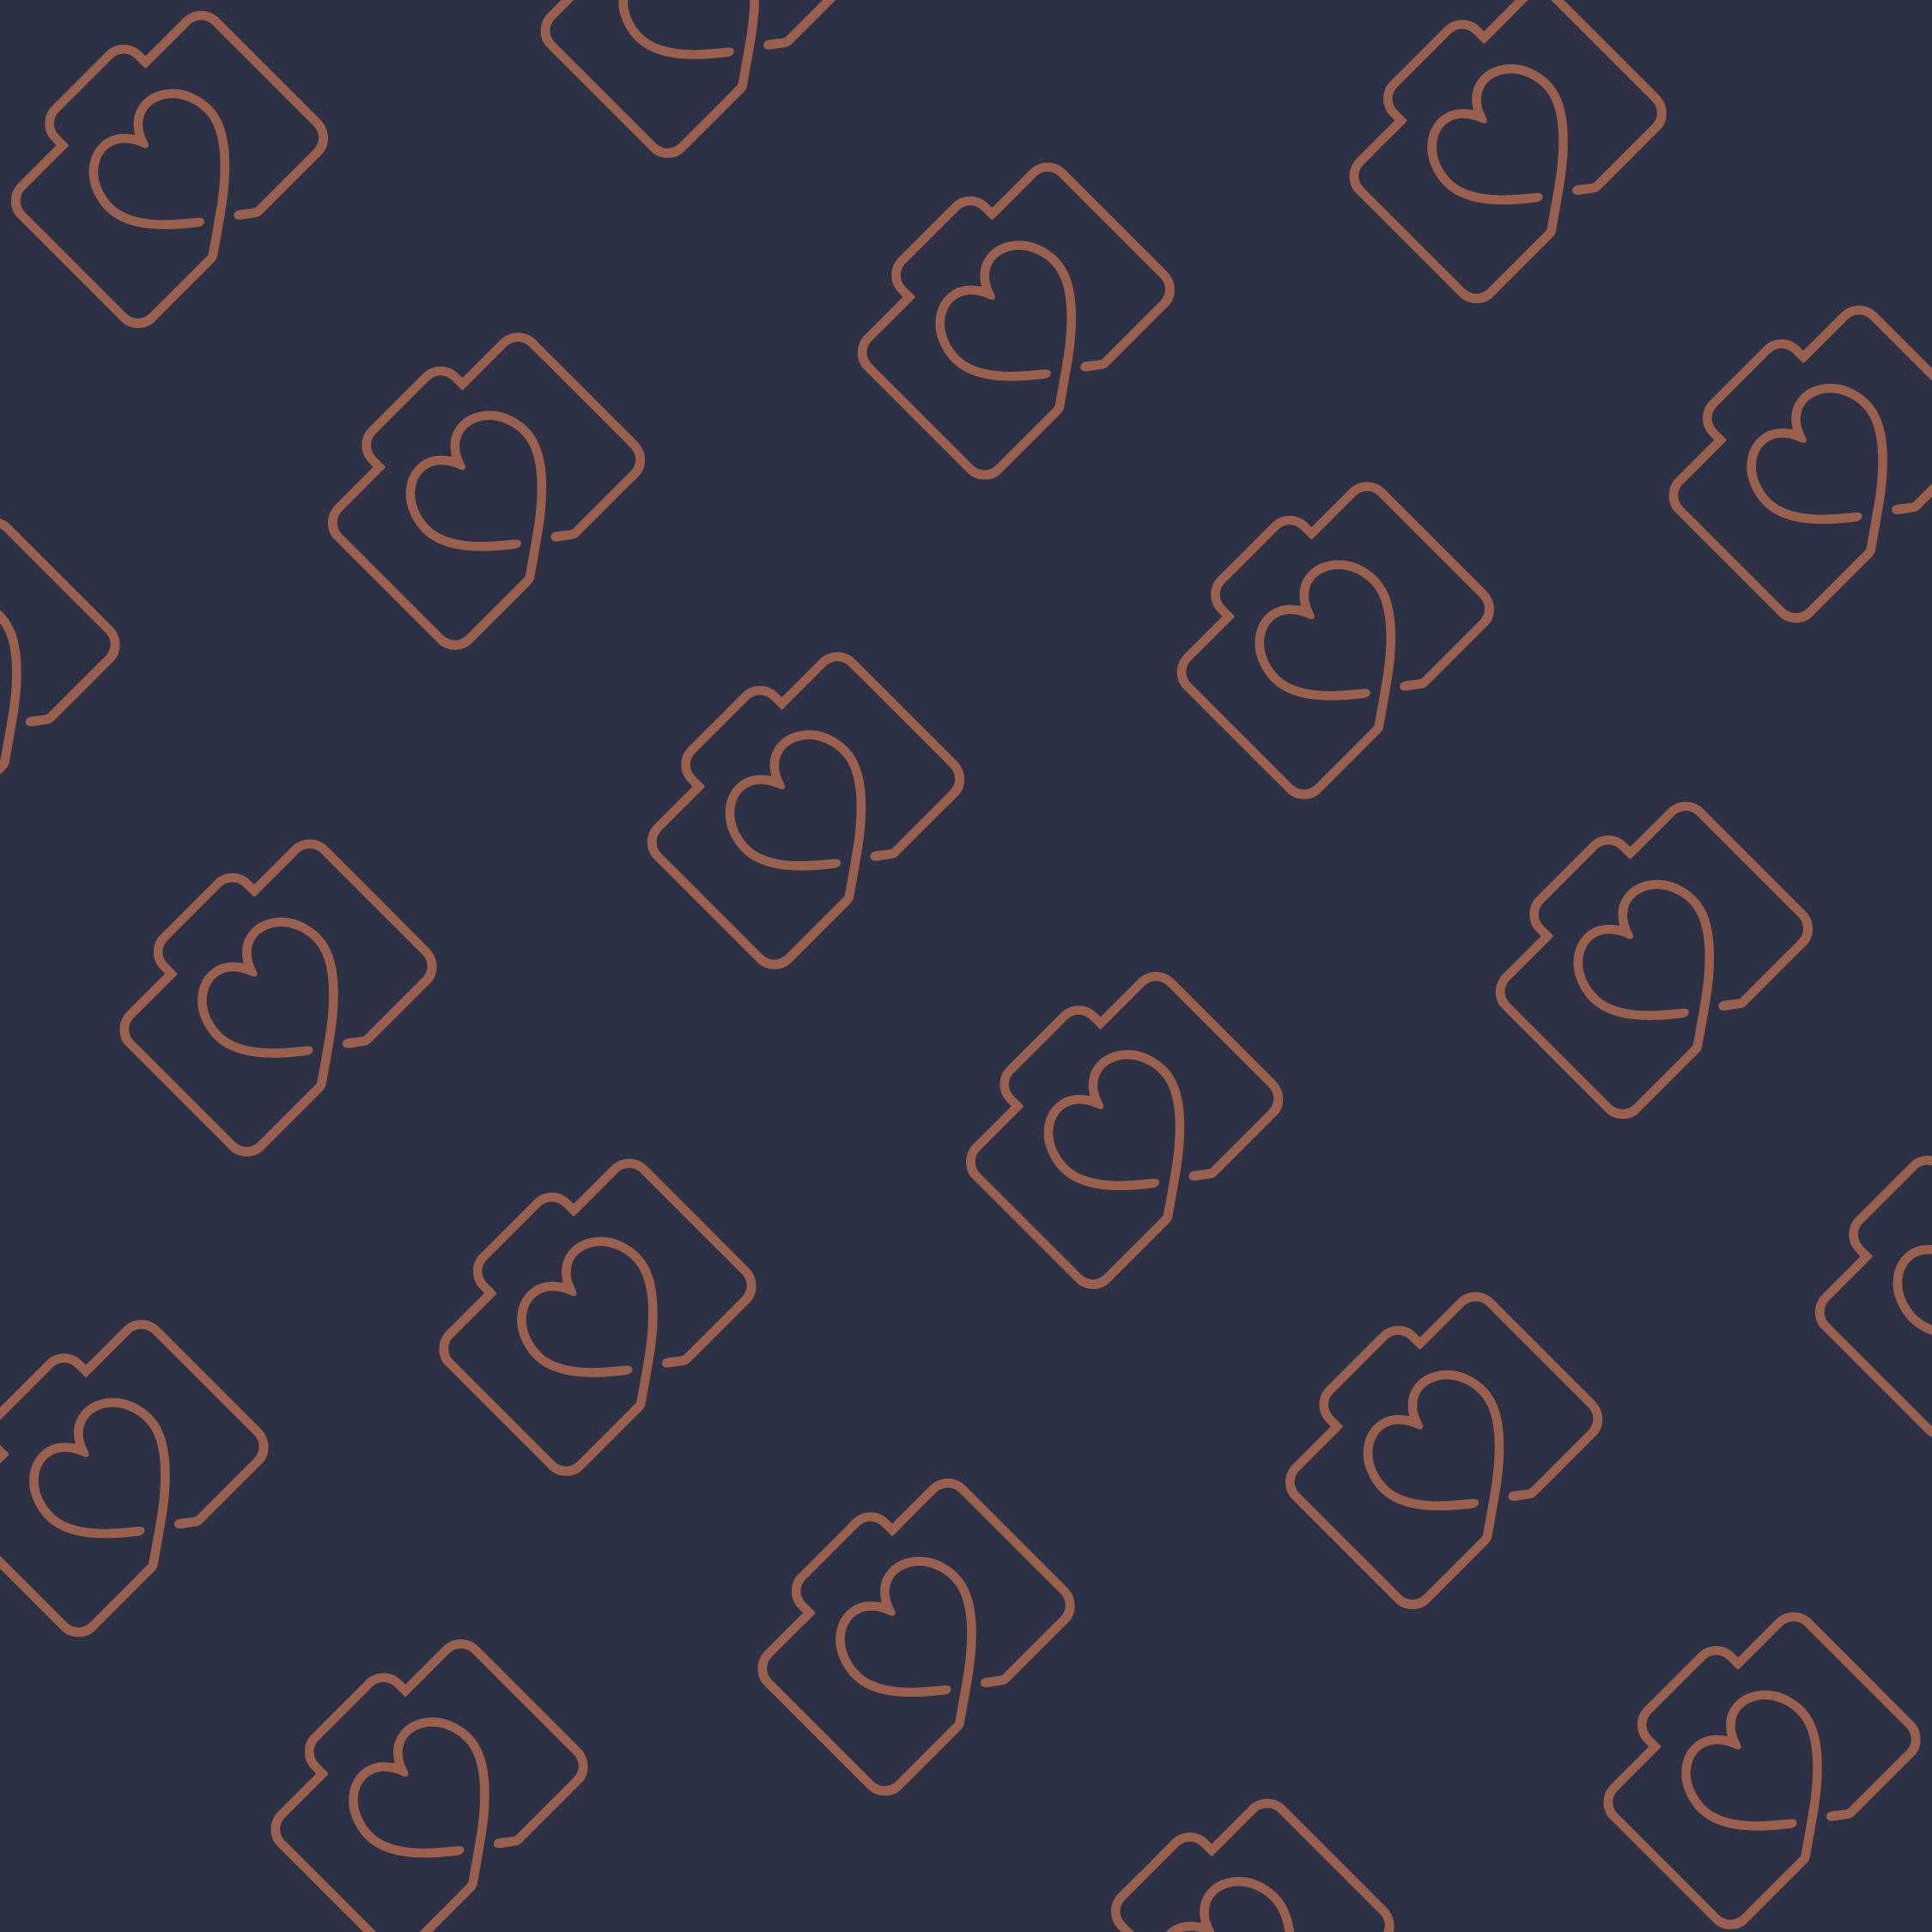 Bespoke Graphic-07.jpg